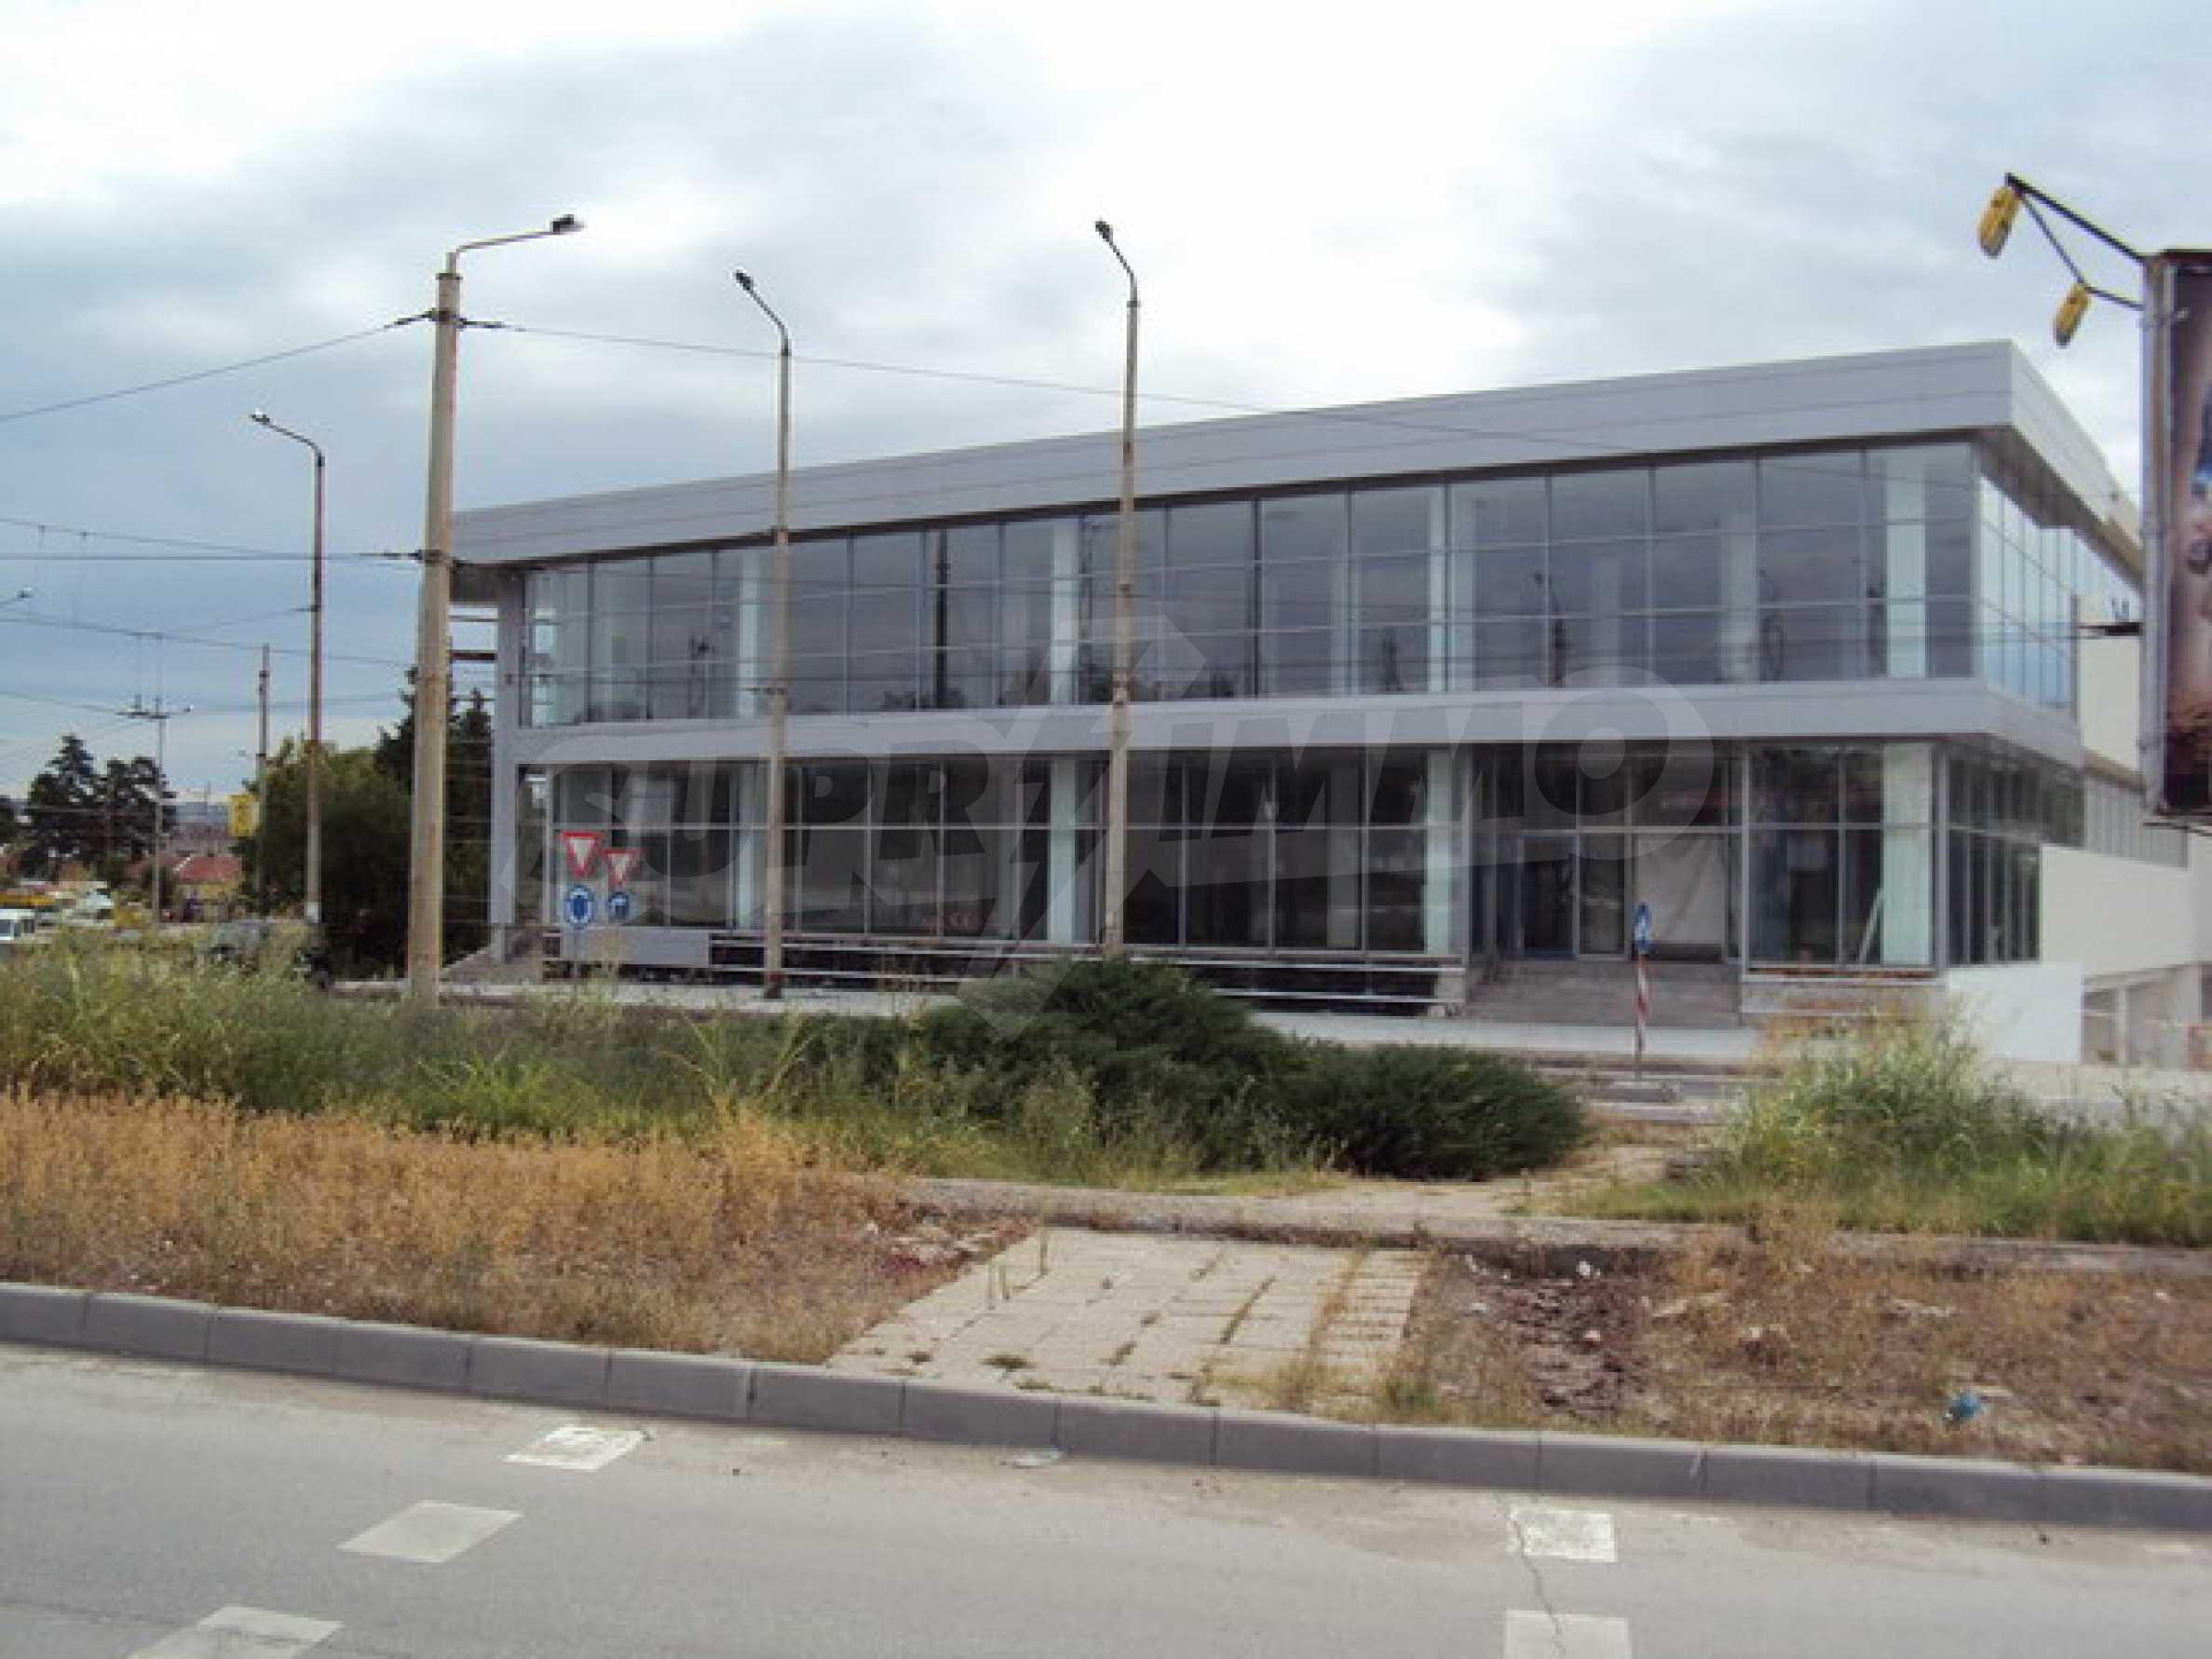 Komplex mit Geschäften, Lagern und Büros